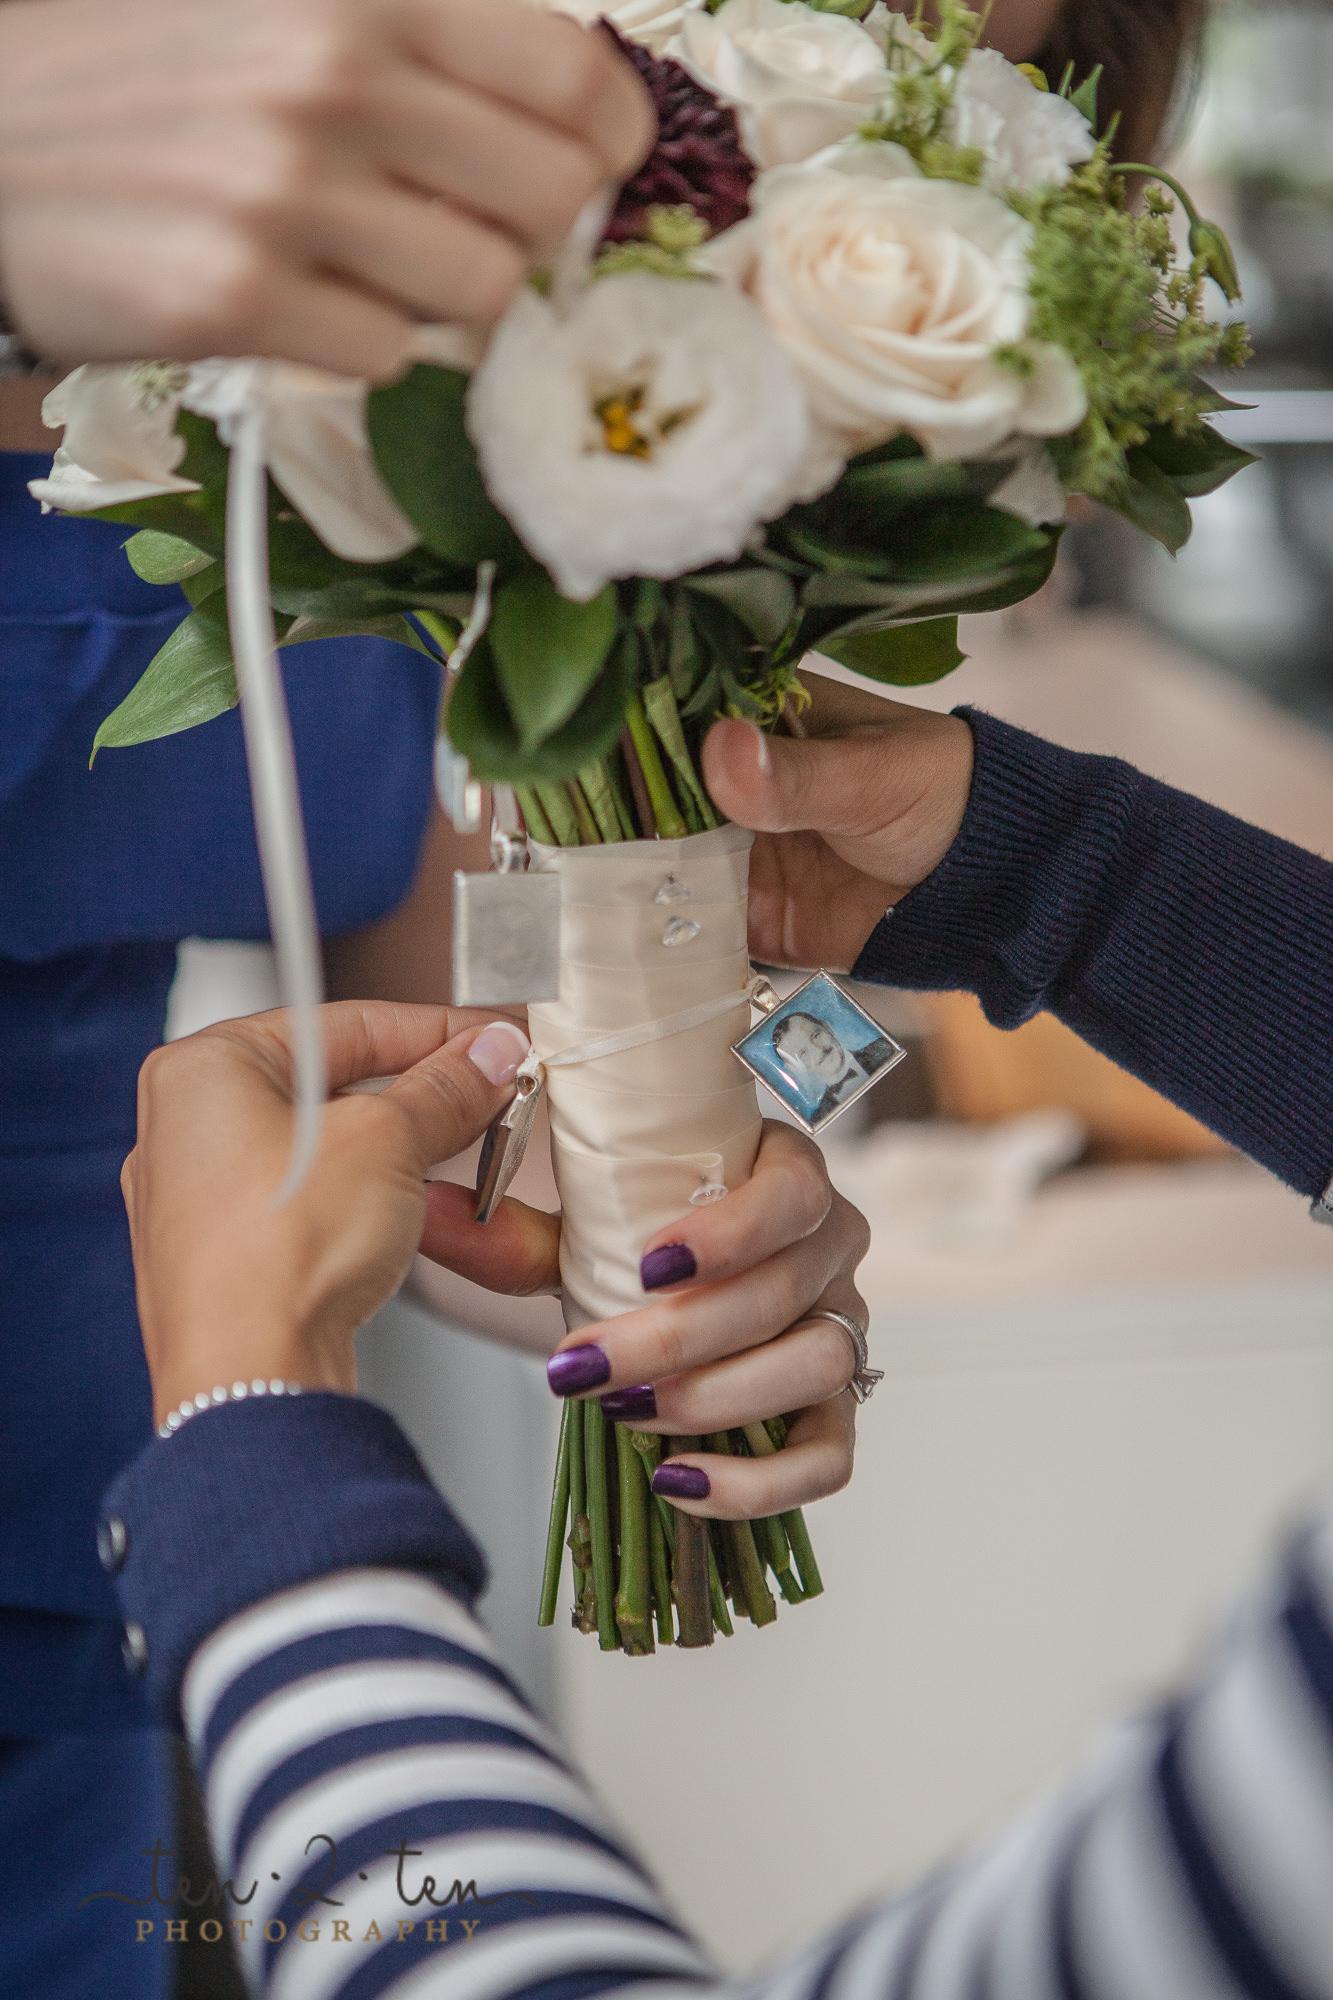 mildreds temple kitchen wedding photos 26 - Mildred's Temple Kitchen Wedding Photos